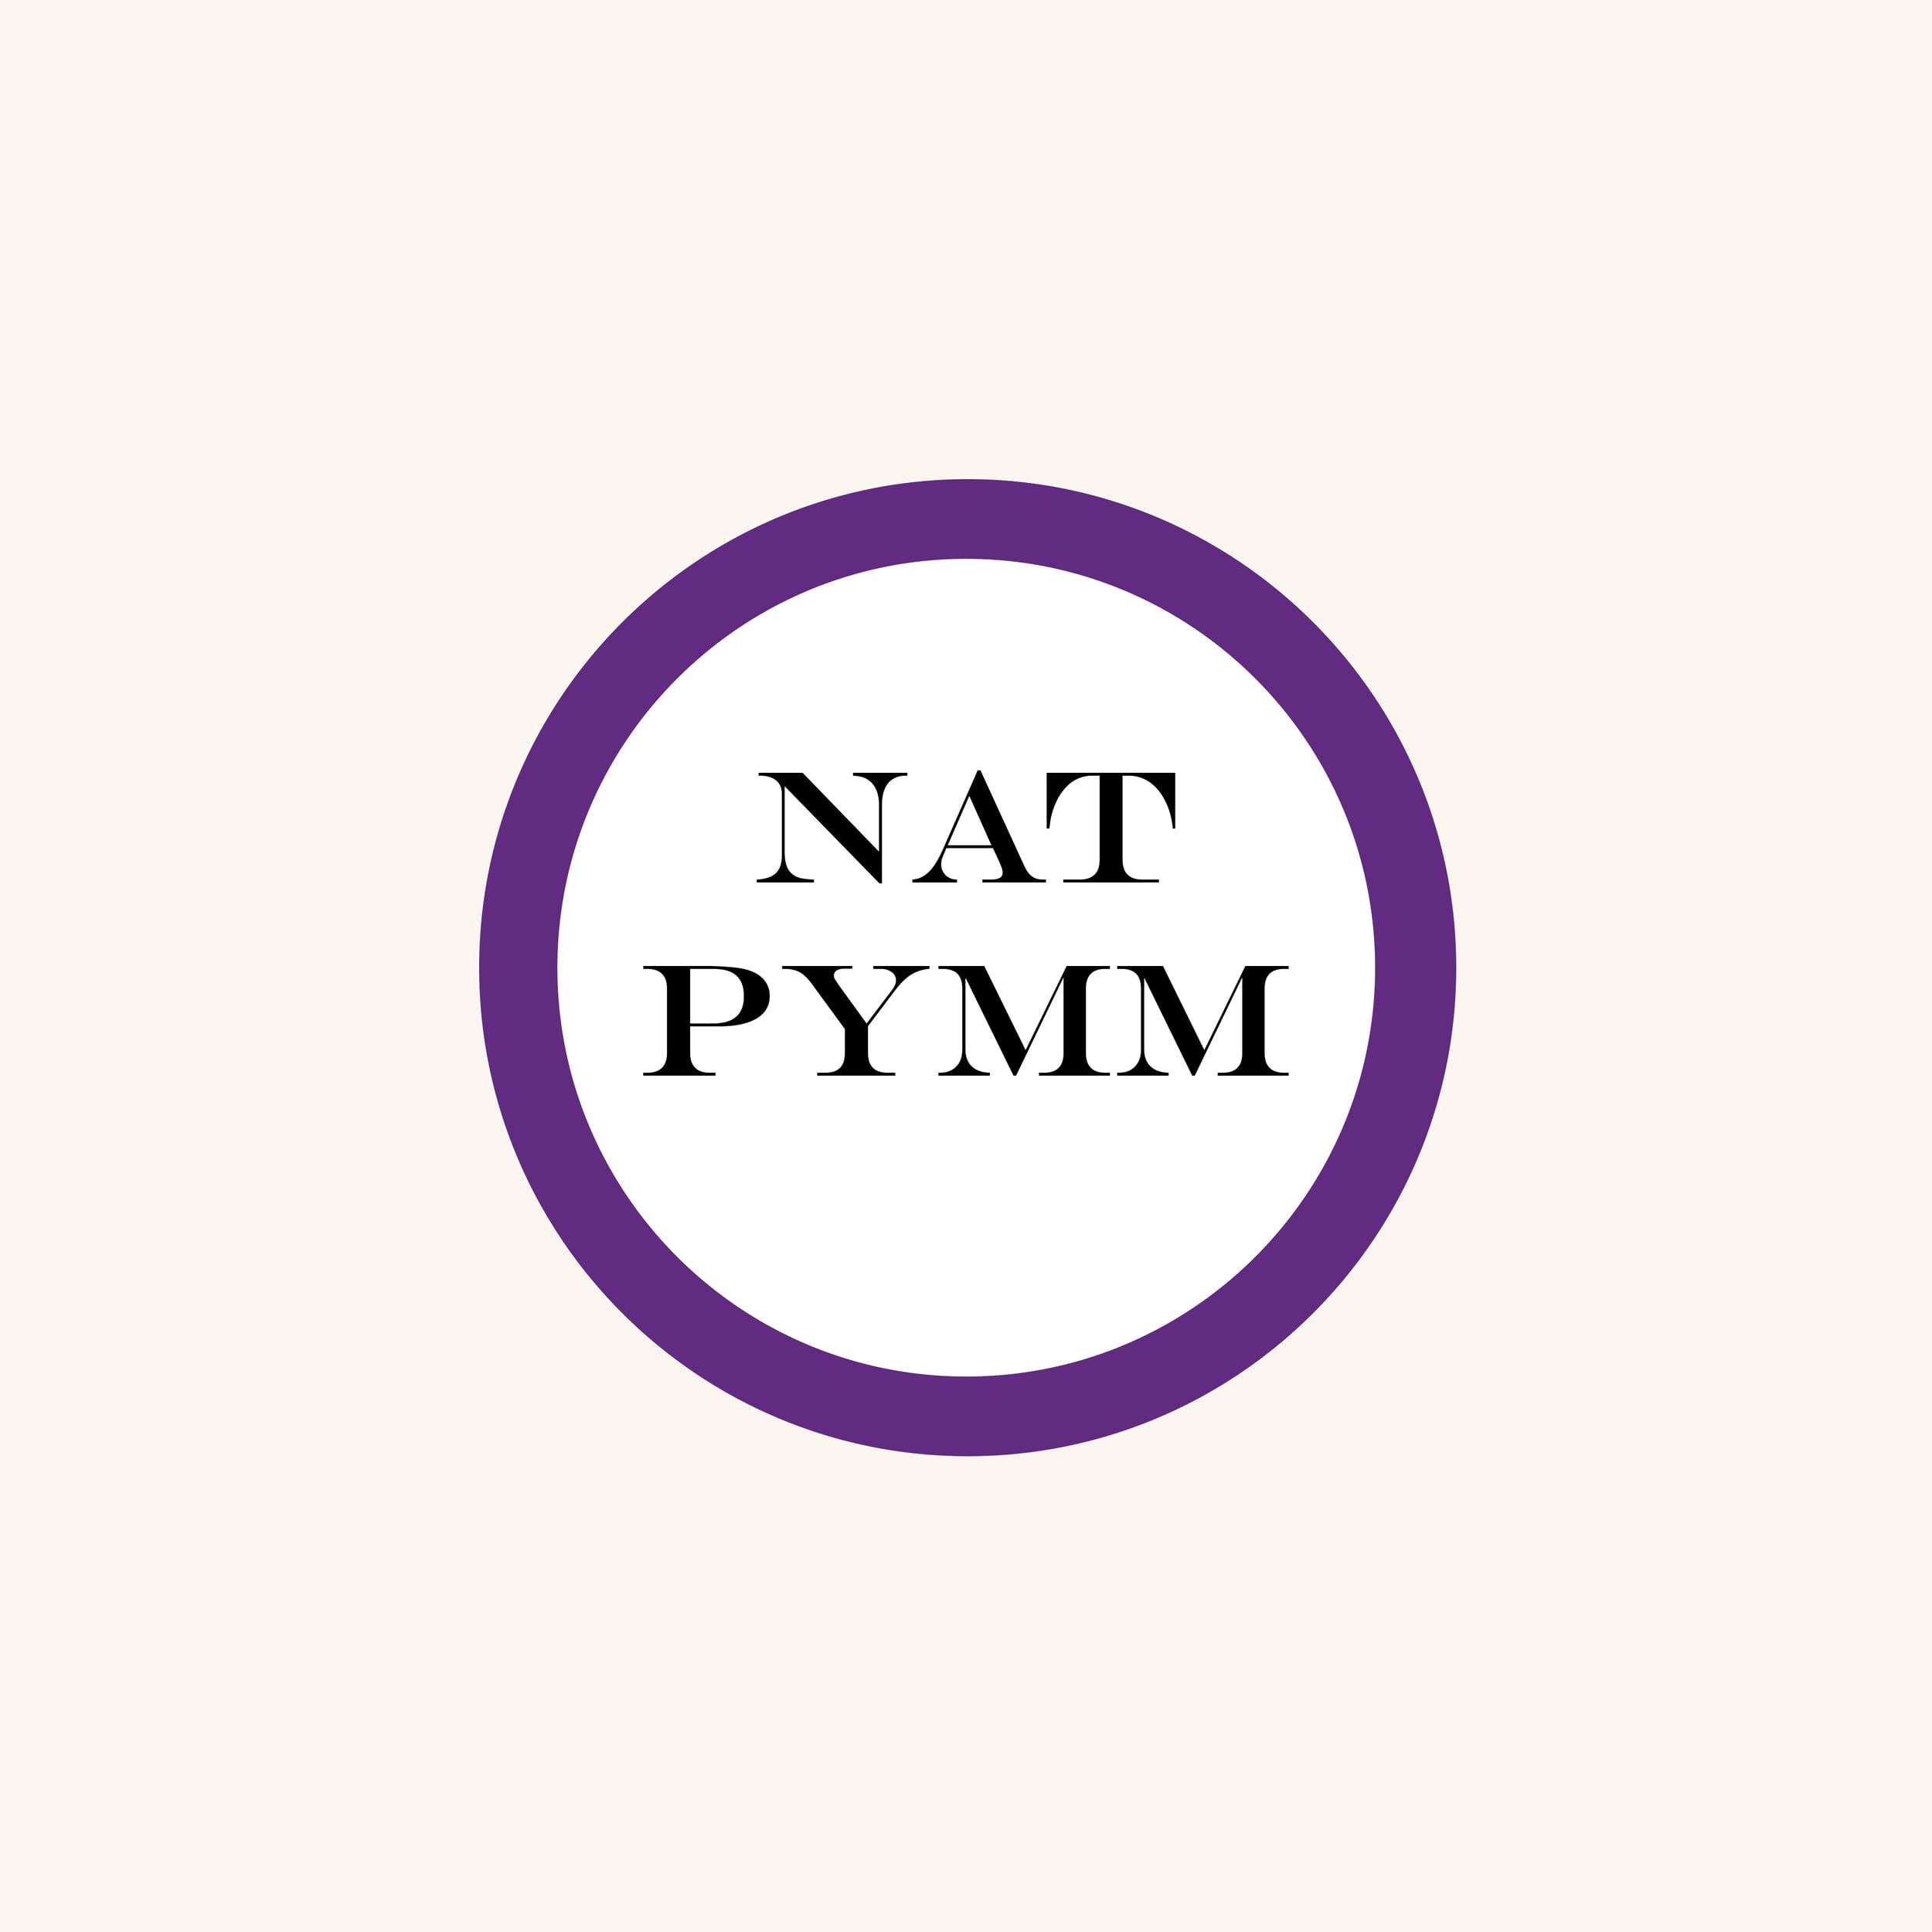 NatPymm.jpg